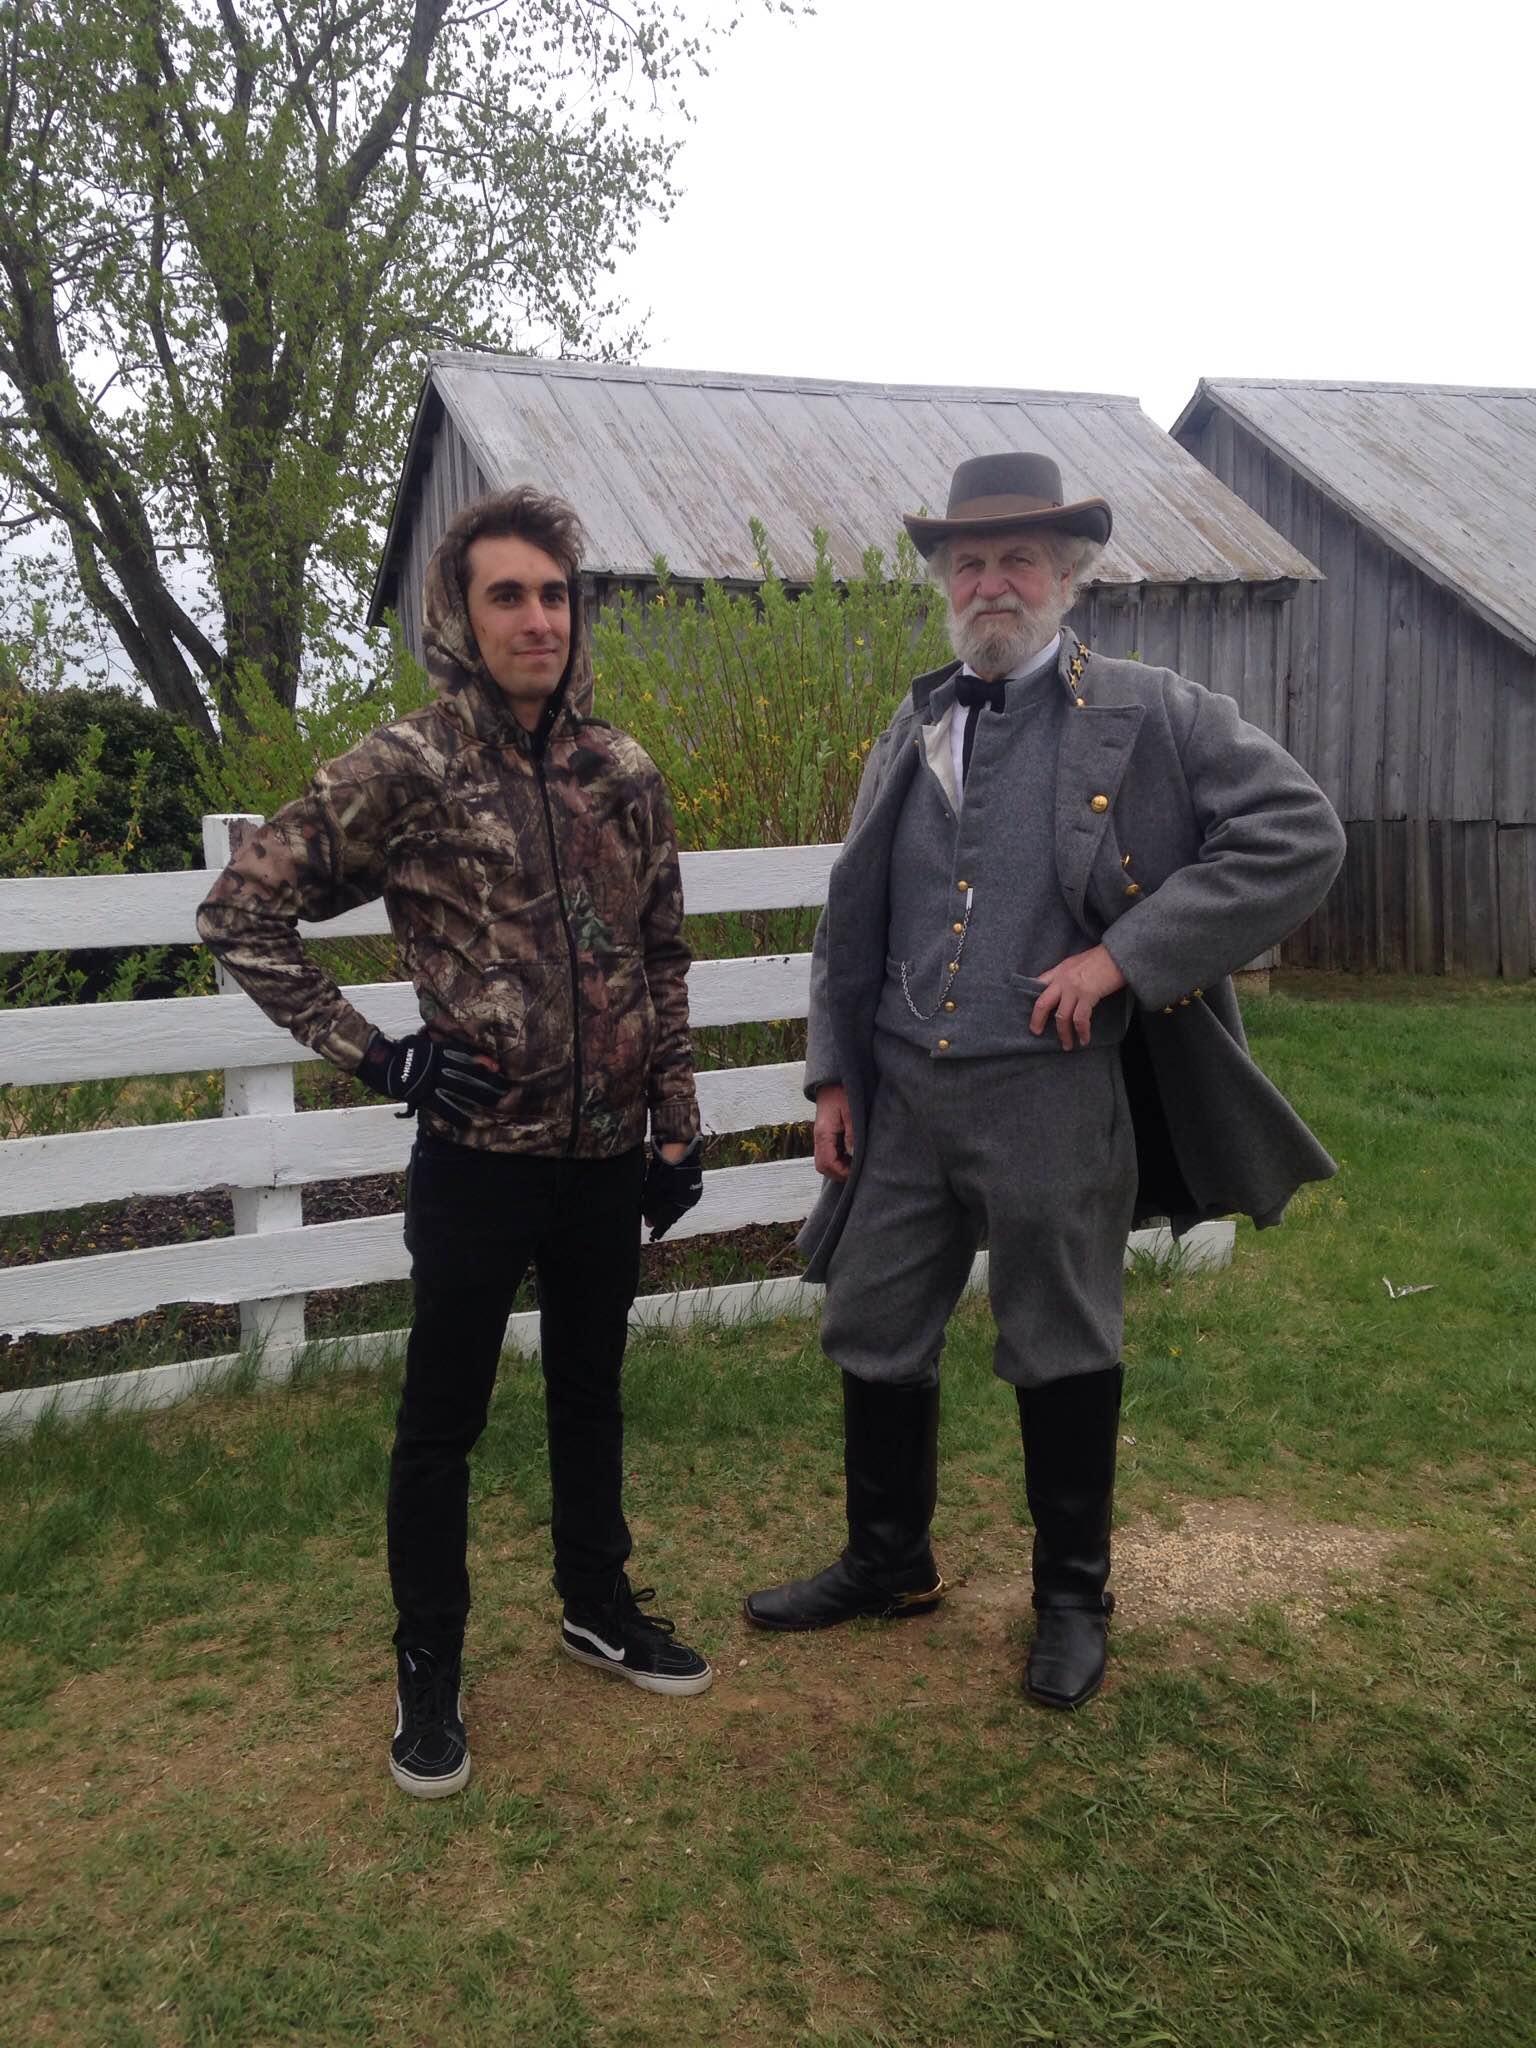 Me and Robert E. Lee